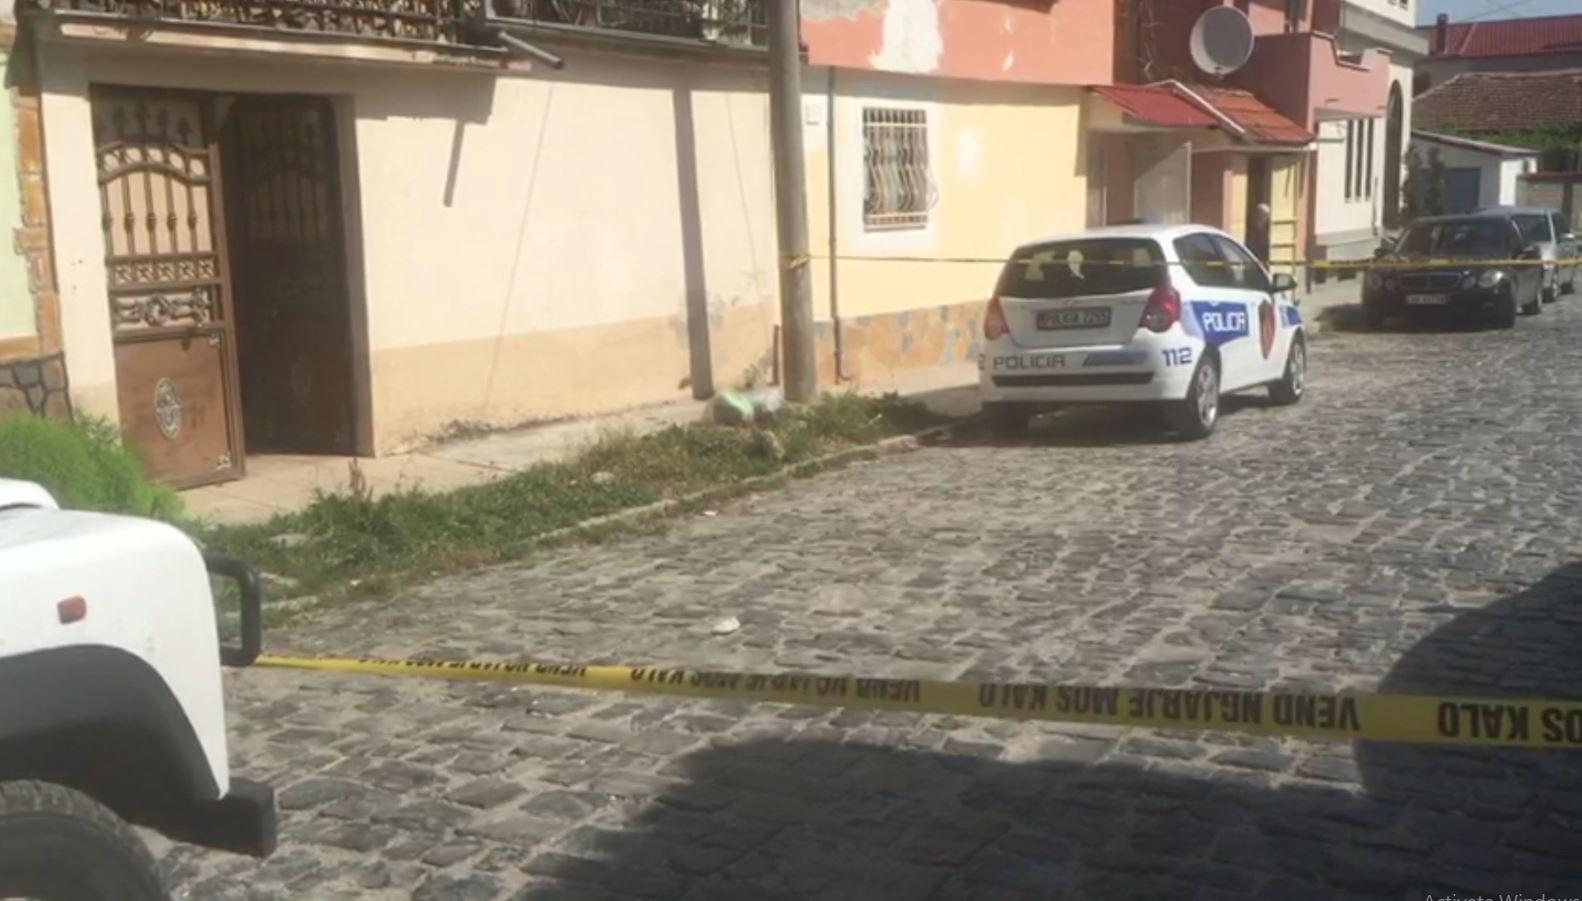 I jep fund jetës 71-vjeçari në Korçë, dyshohet se vrau kunatin